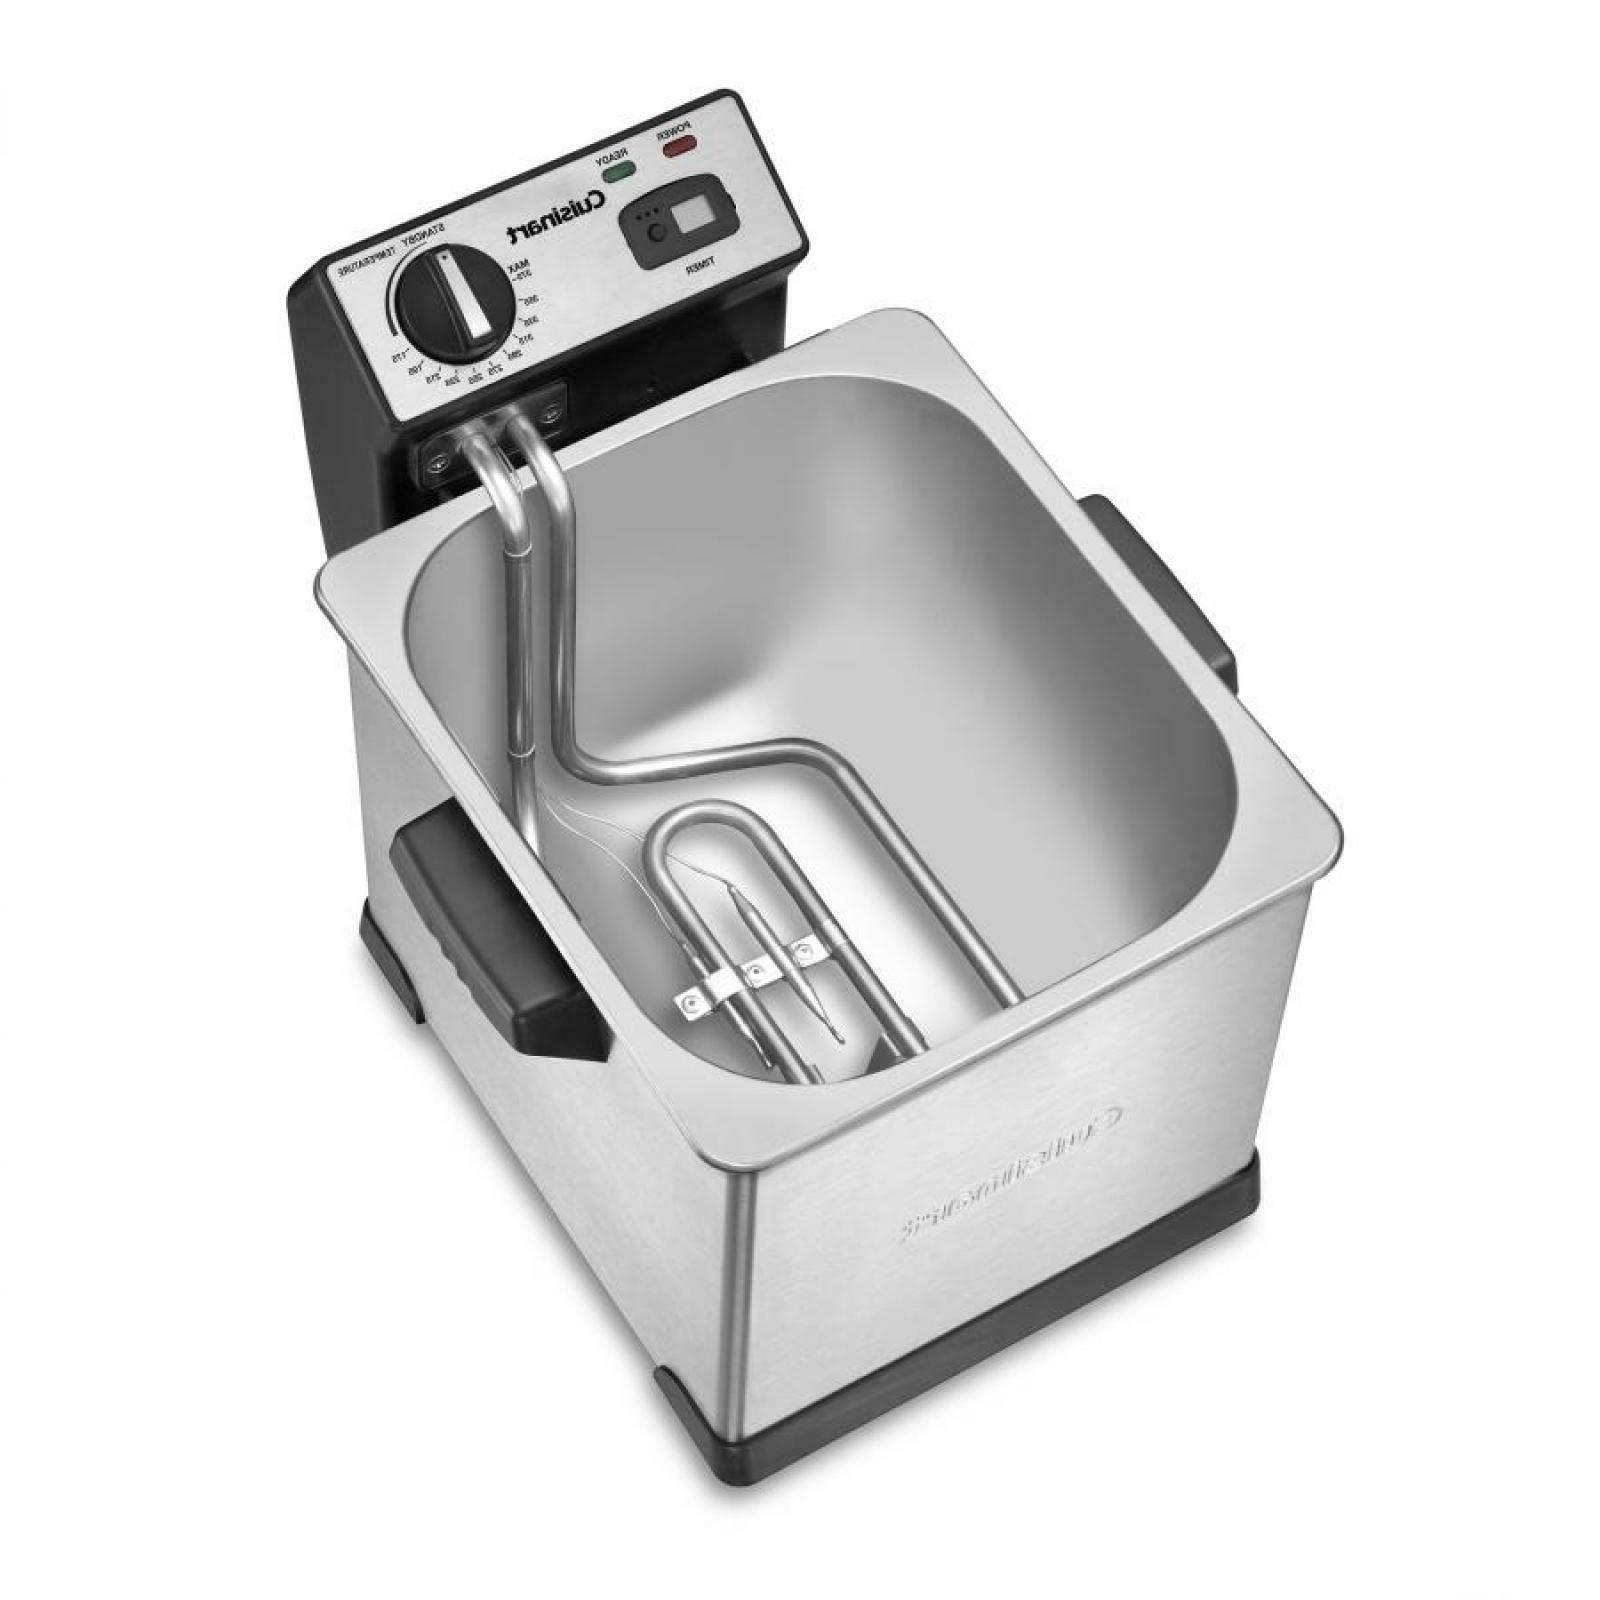 Cuisinart Specialty Appliances Digital Deep Fryer 1800W Imme